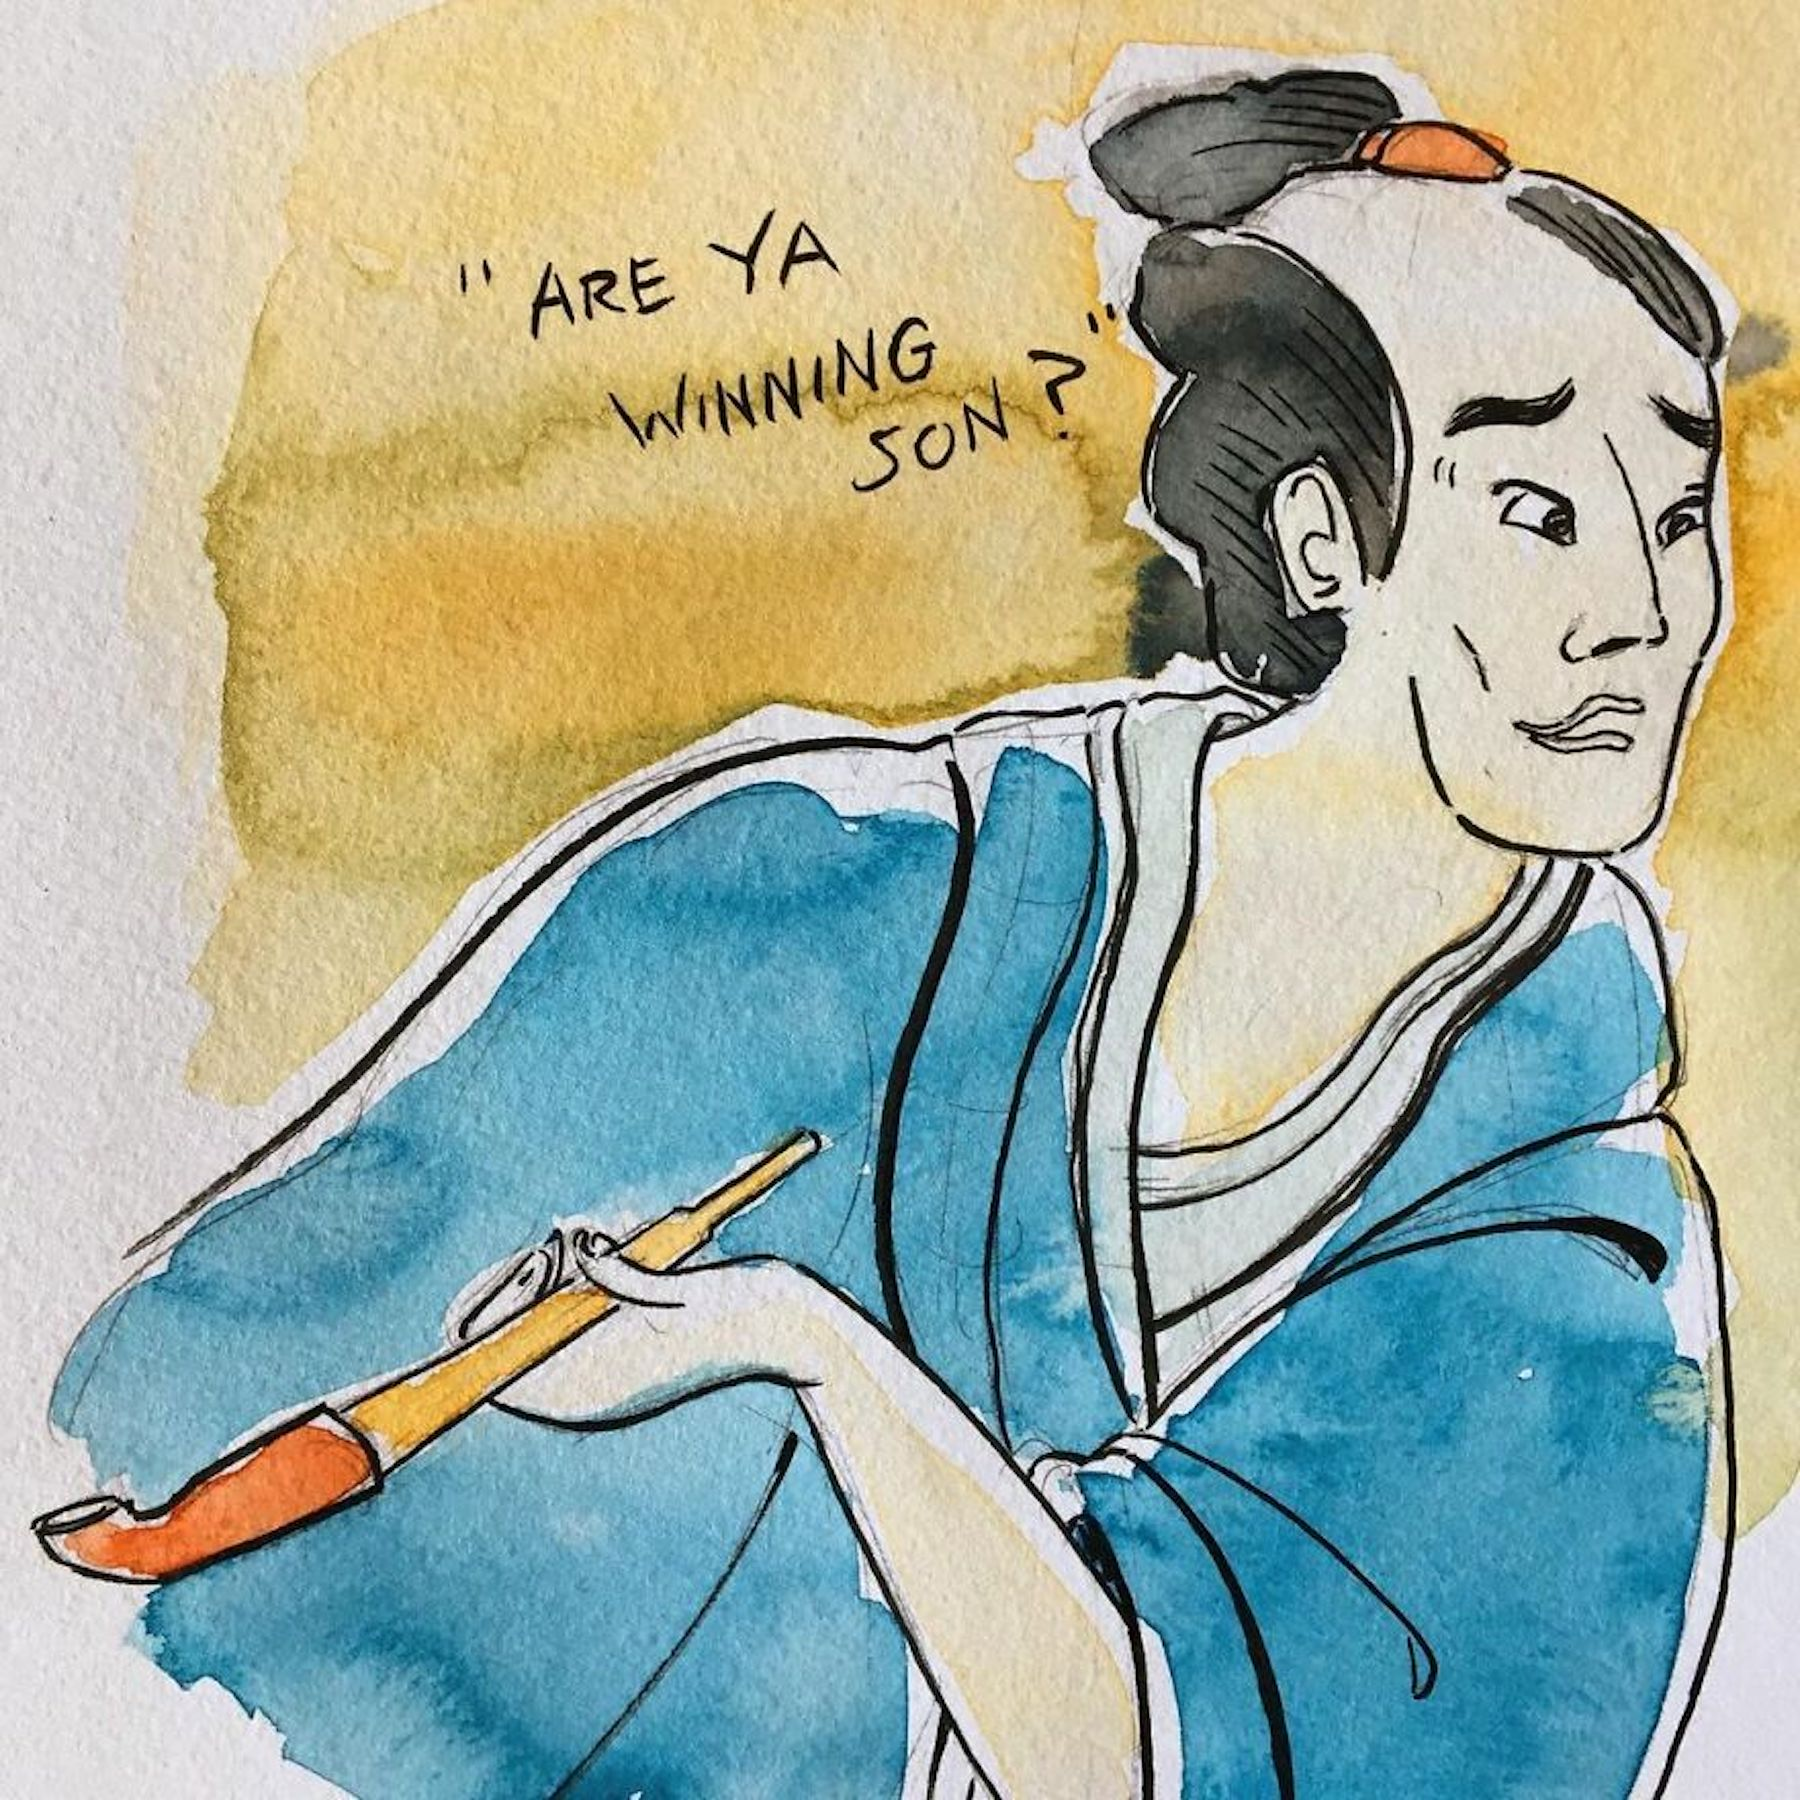 L'artiste Ukiyo Memes transforme les mèmes internet en estampes japonaises